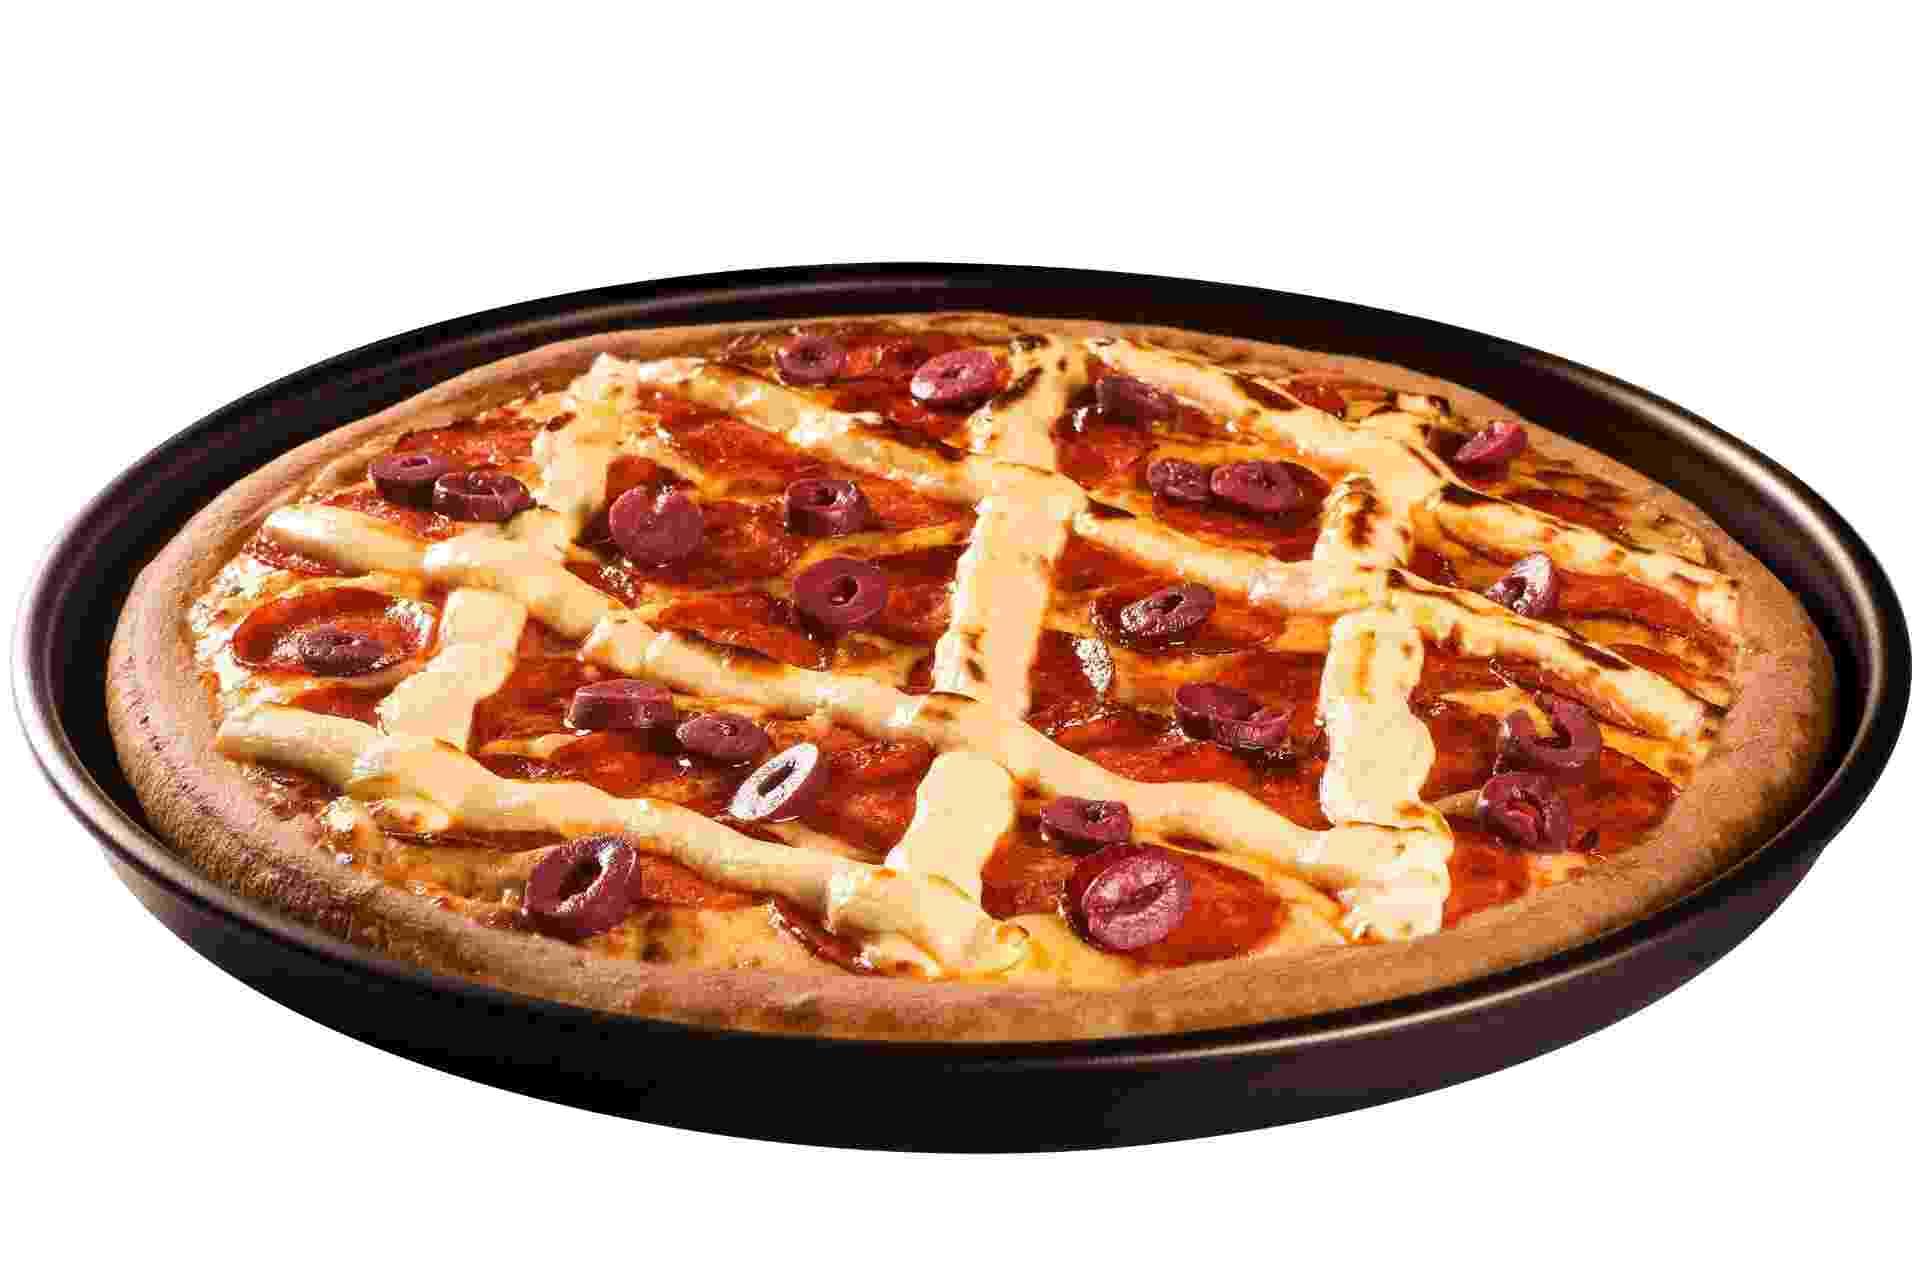 Super Pizza Pan pepperoni com cream cheese - Divulgação